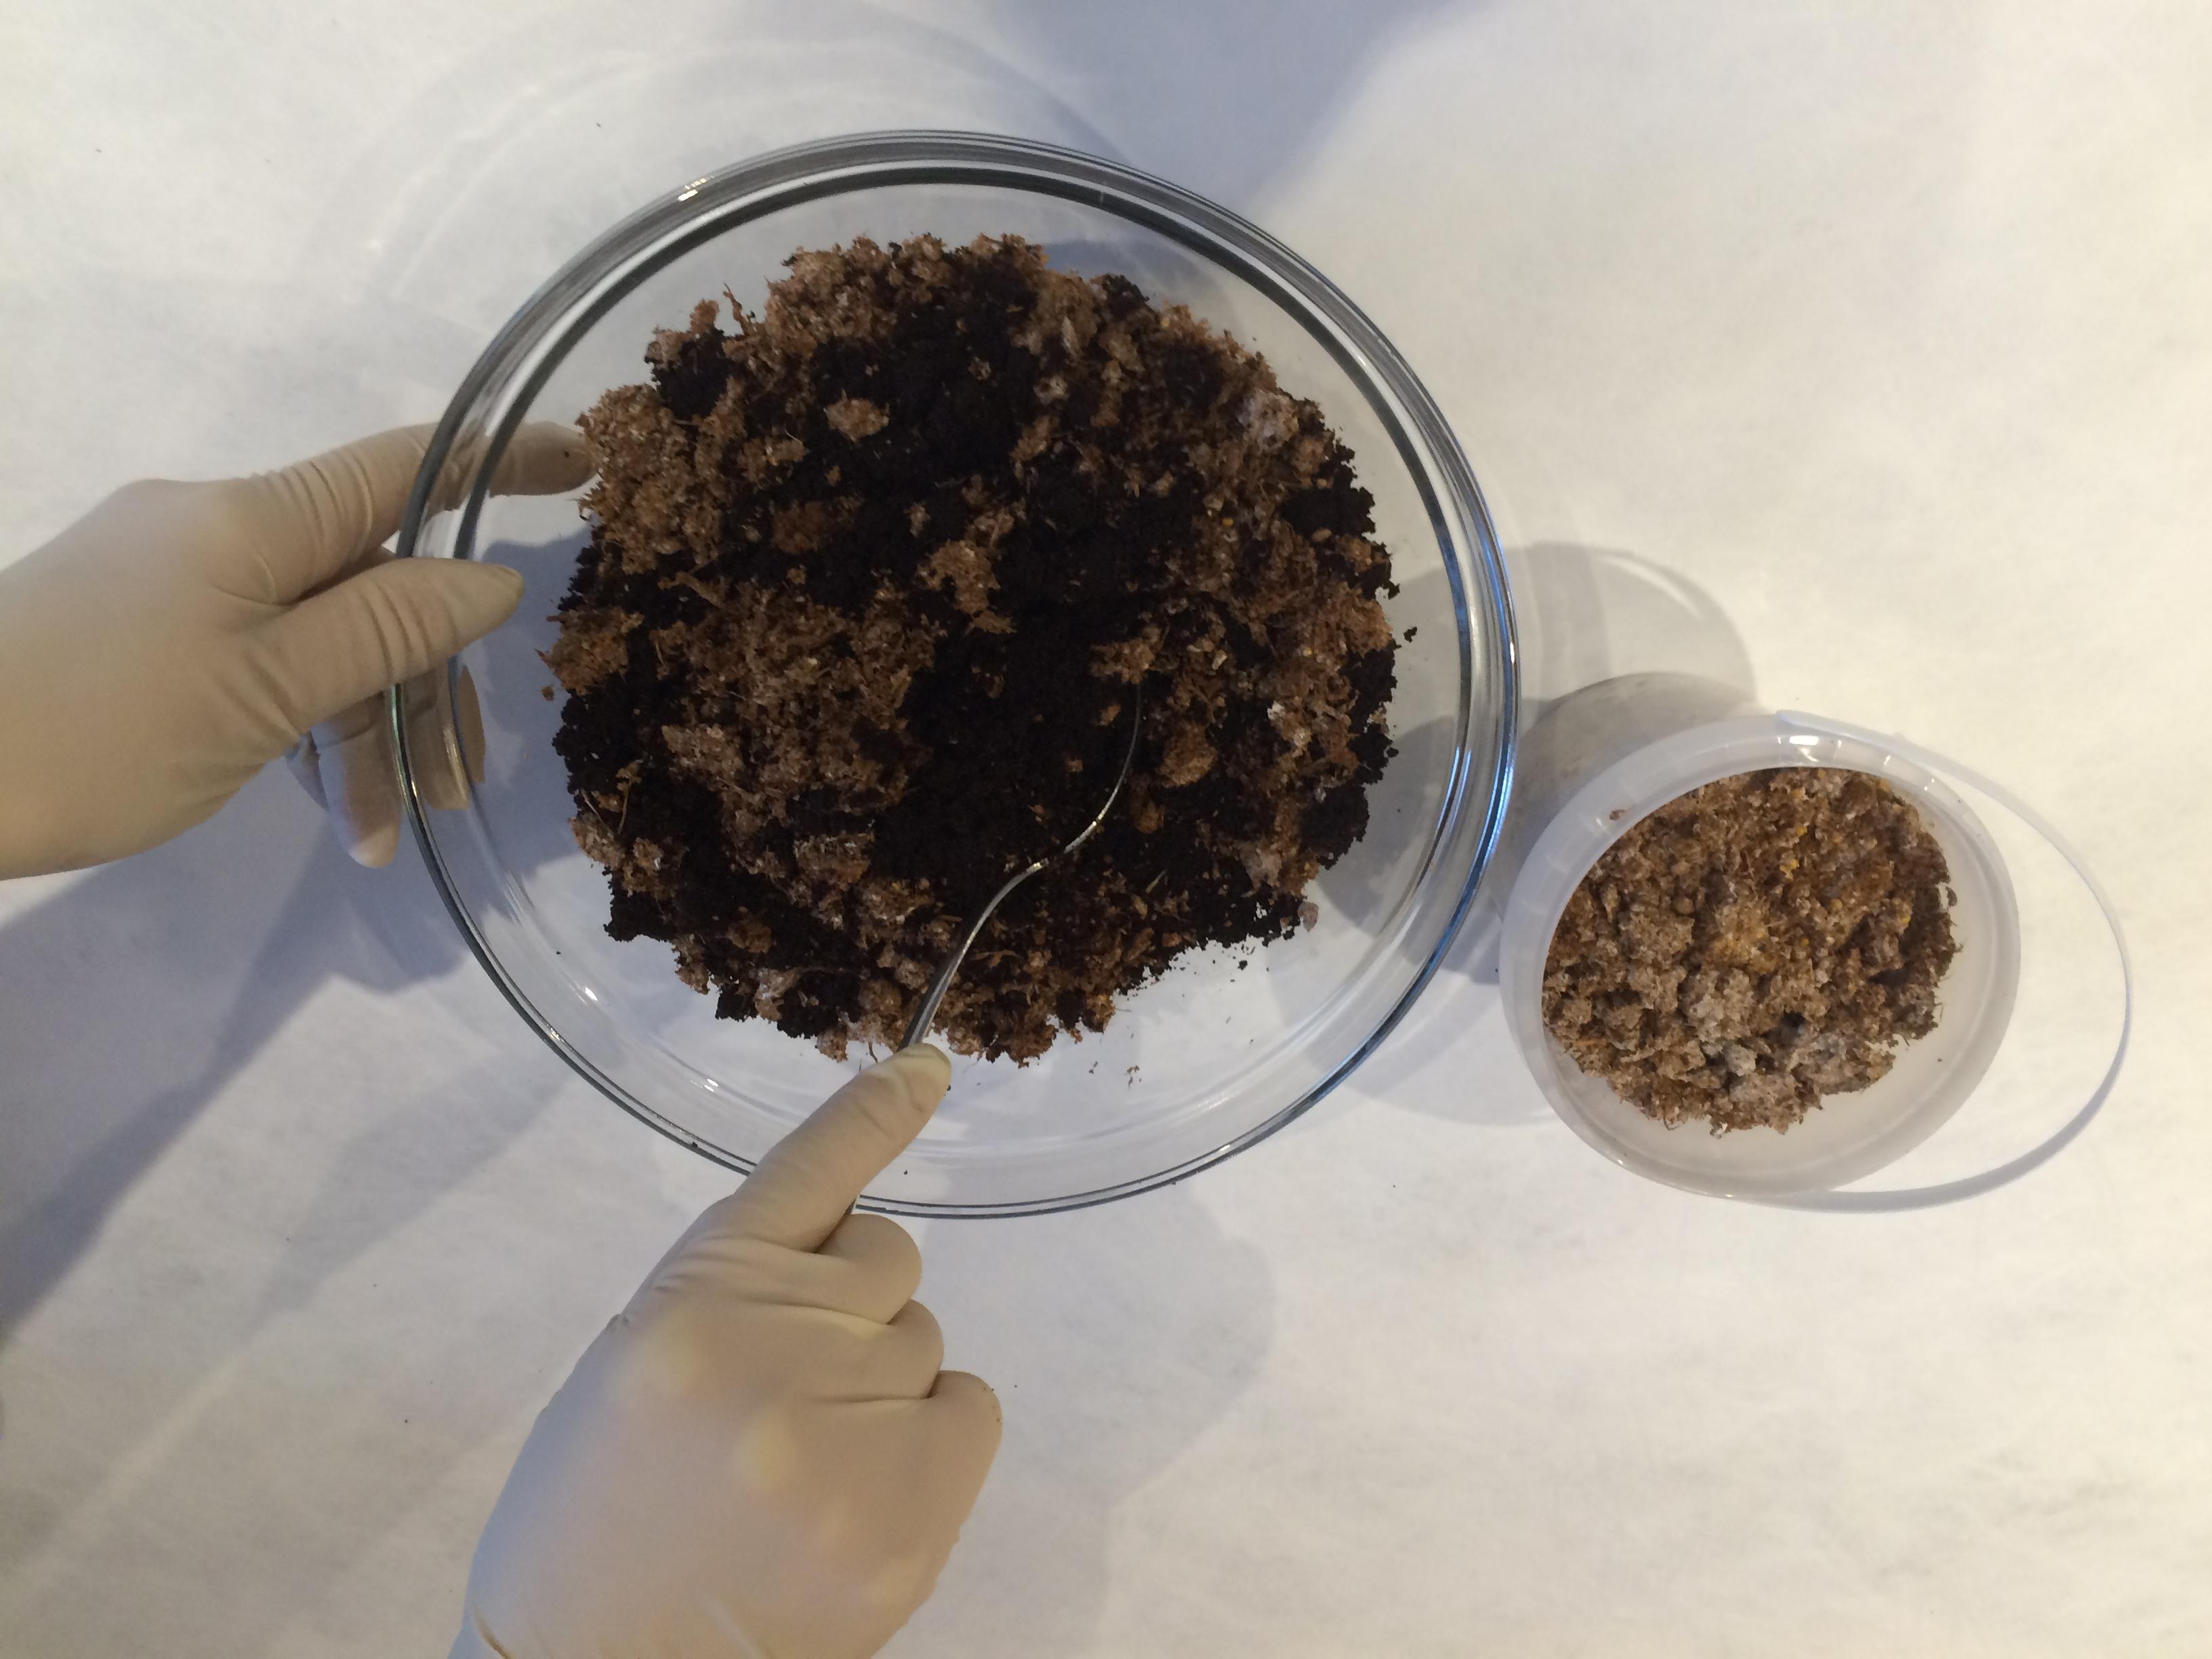 pilze auf kaffeesatz selbst z chten mit unserem kaffeesatz pilzzucht set von pilzm nnchen. Black Bedroom Furniture Sets. Home Design Ideas